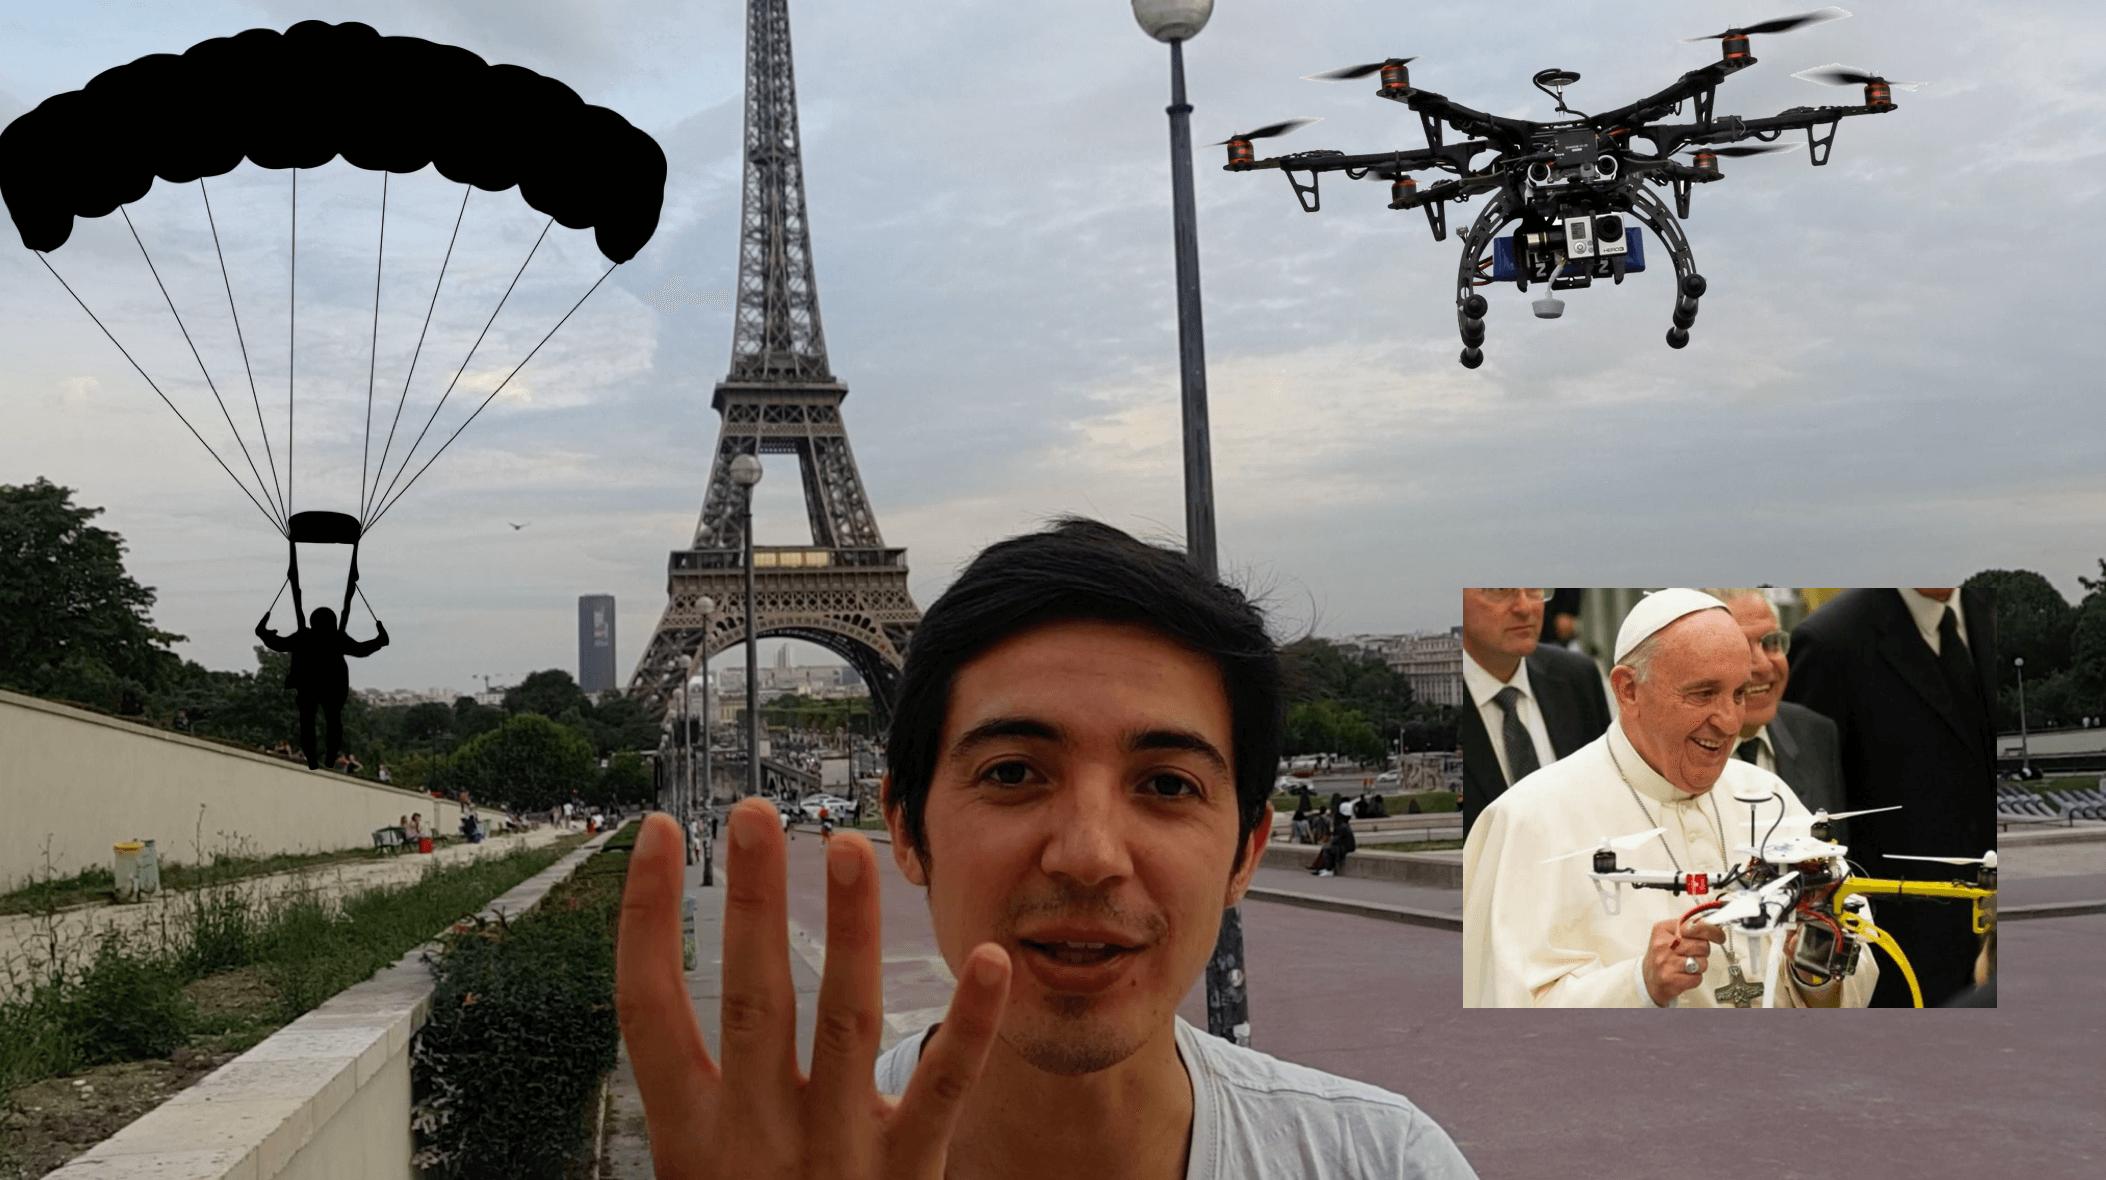 Paracaídas para Drones y la relación de los Drones con el Papa